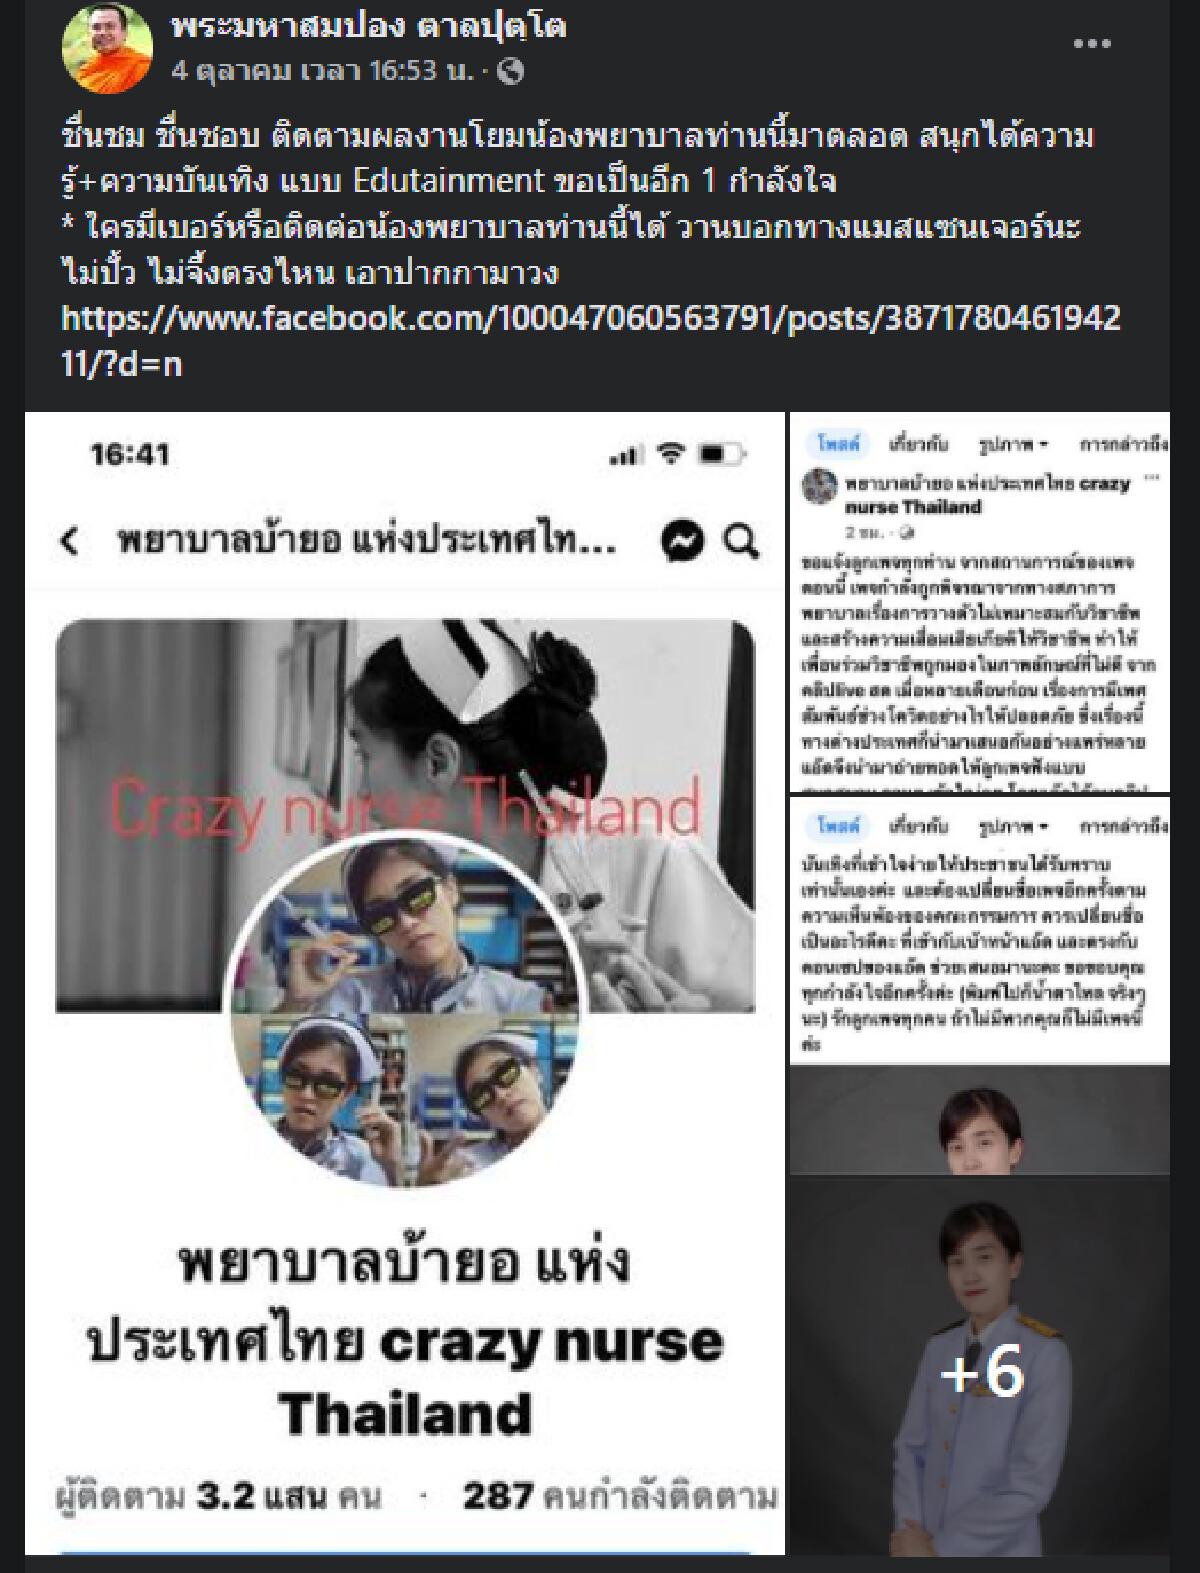 พระมหาสมปอง โพสต์ให้กำลังใจพยาบาลสาวเจ้าของเพจ พยาบาลบ้ายอ แห่งประเทศไทย crazy nurse Thailand